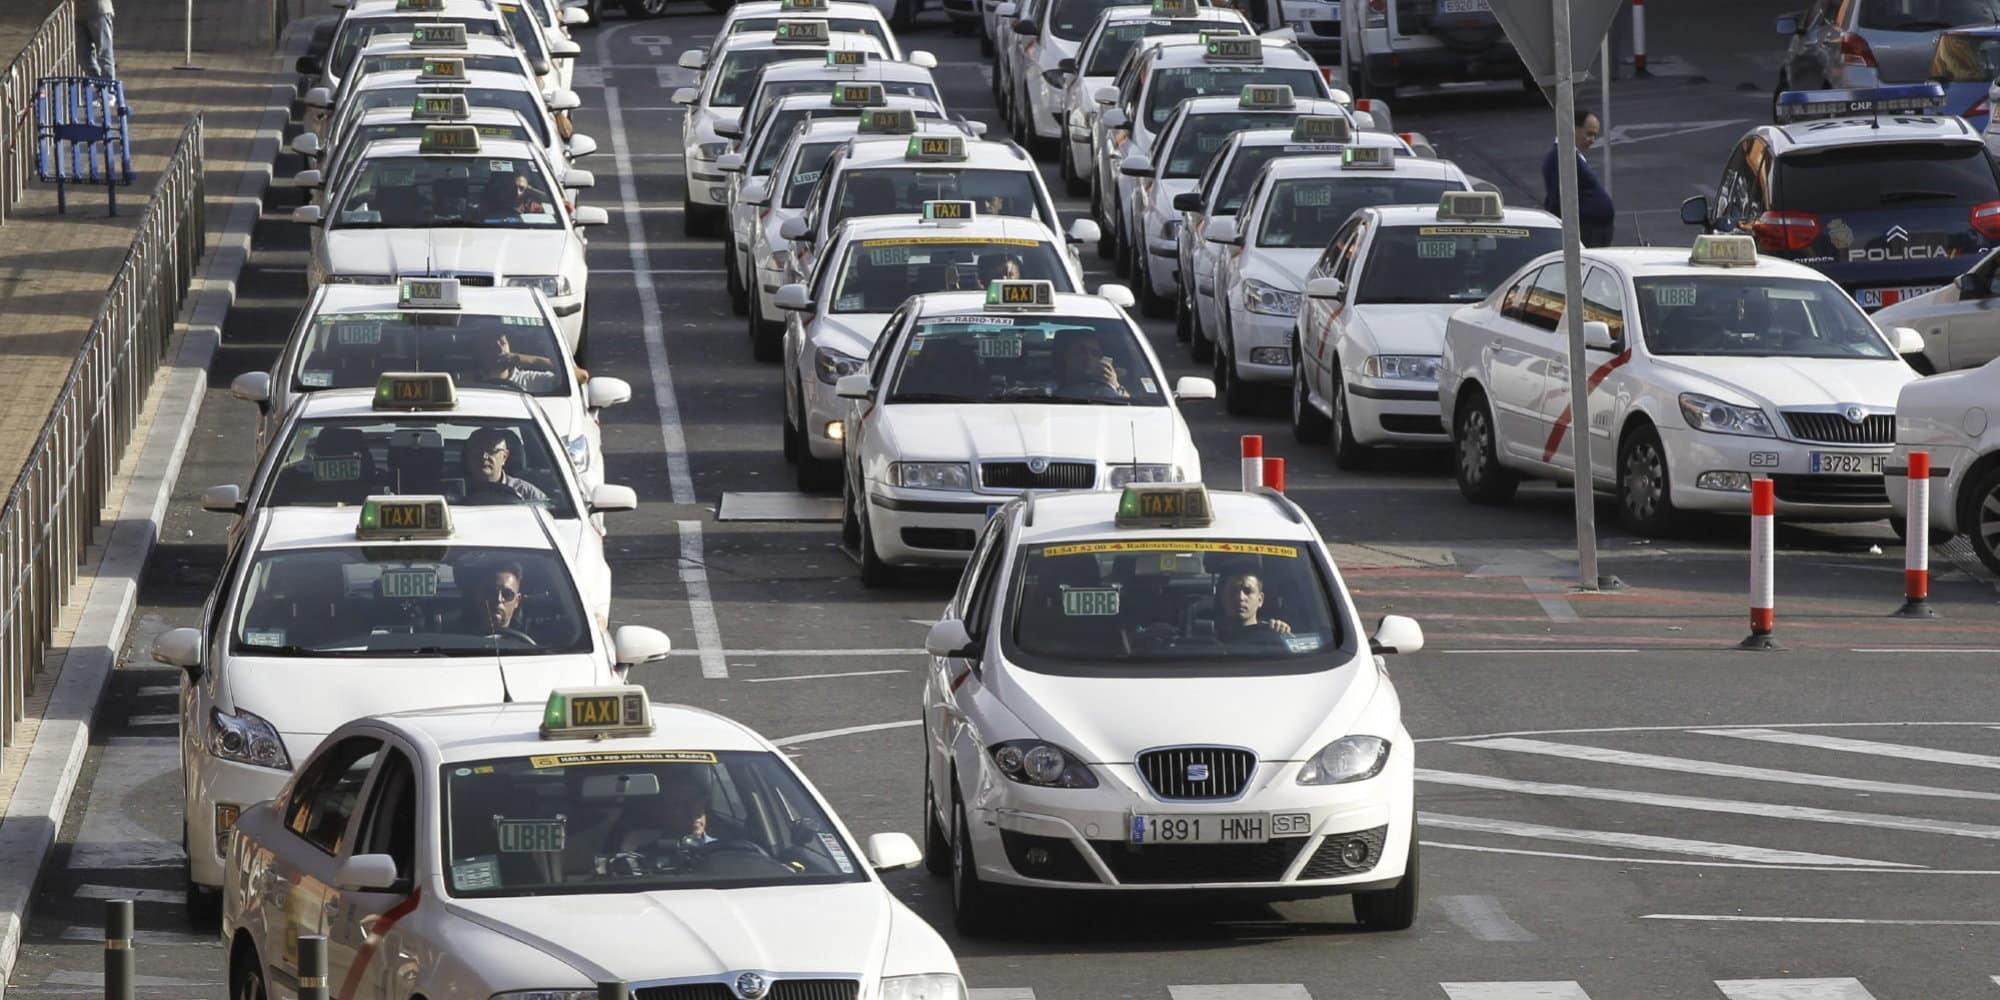 Golpe crítico al sector del taxi: El Tribunal Supremo aprueba 80 nuevas licencias, y se avecinan miles más…